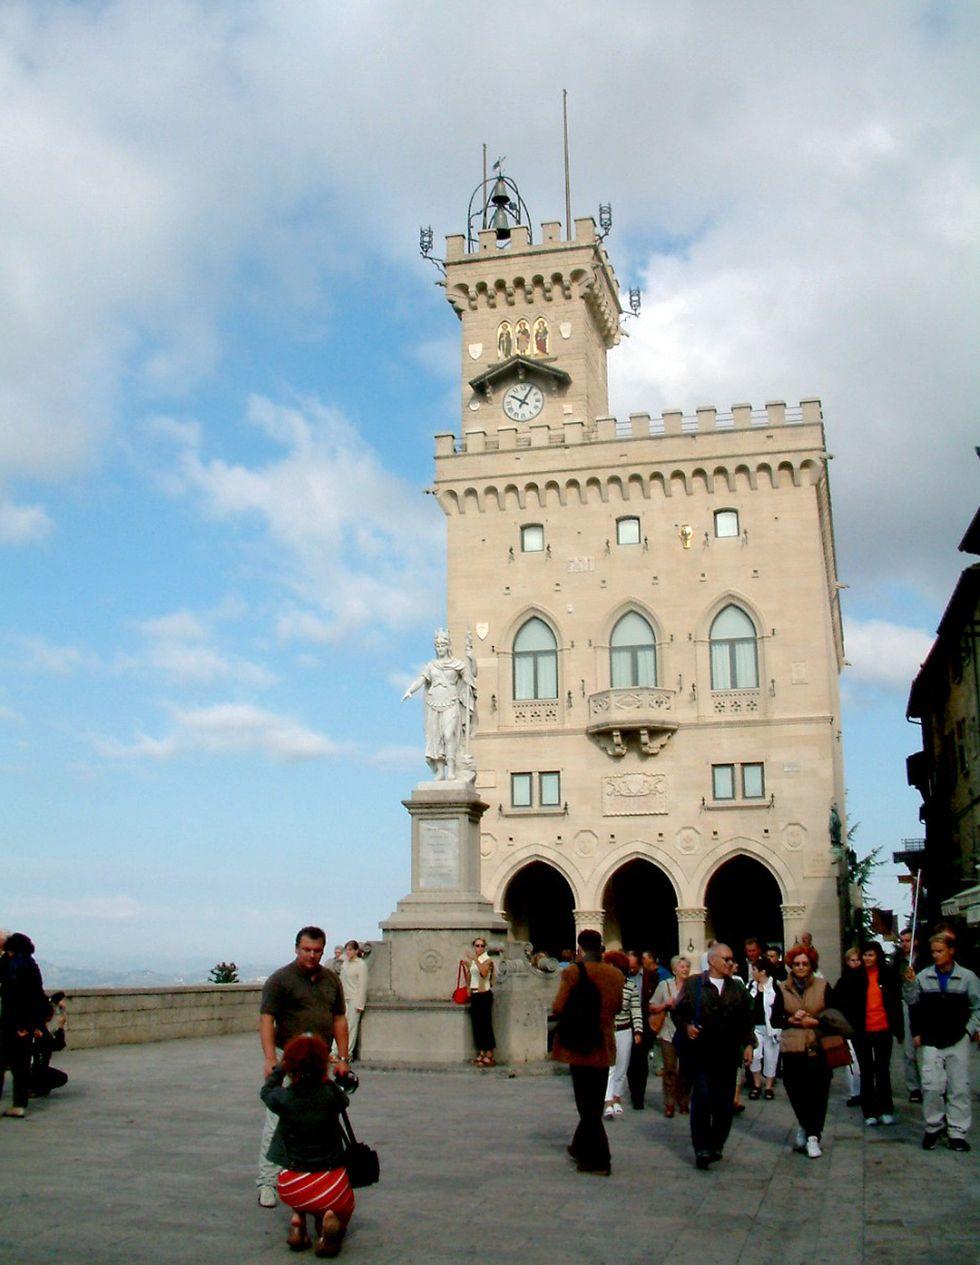 Da San Marino i finanziamenti ai foreign fighters?